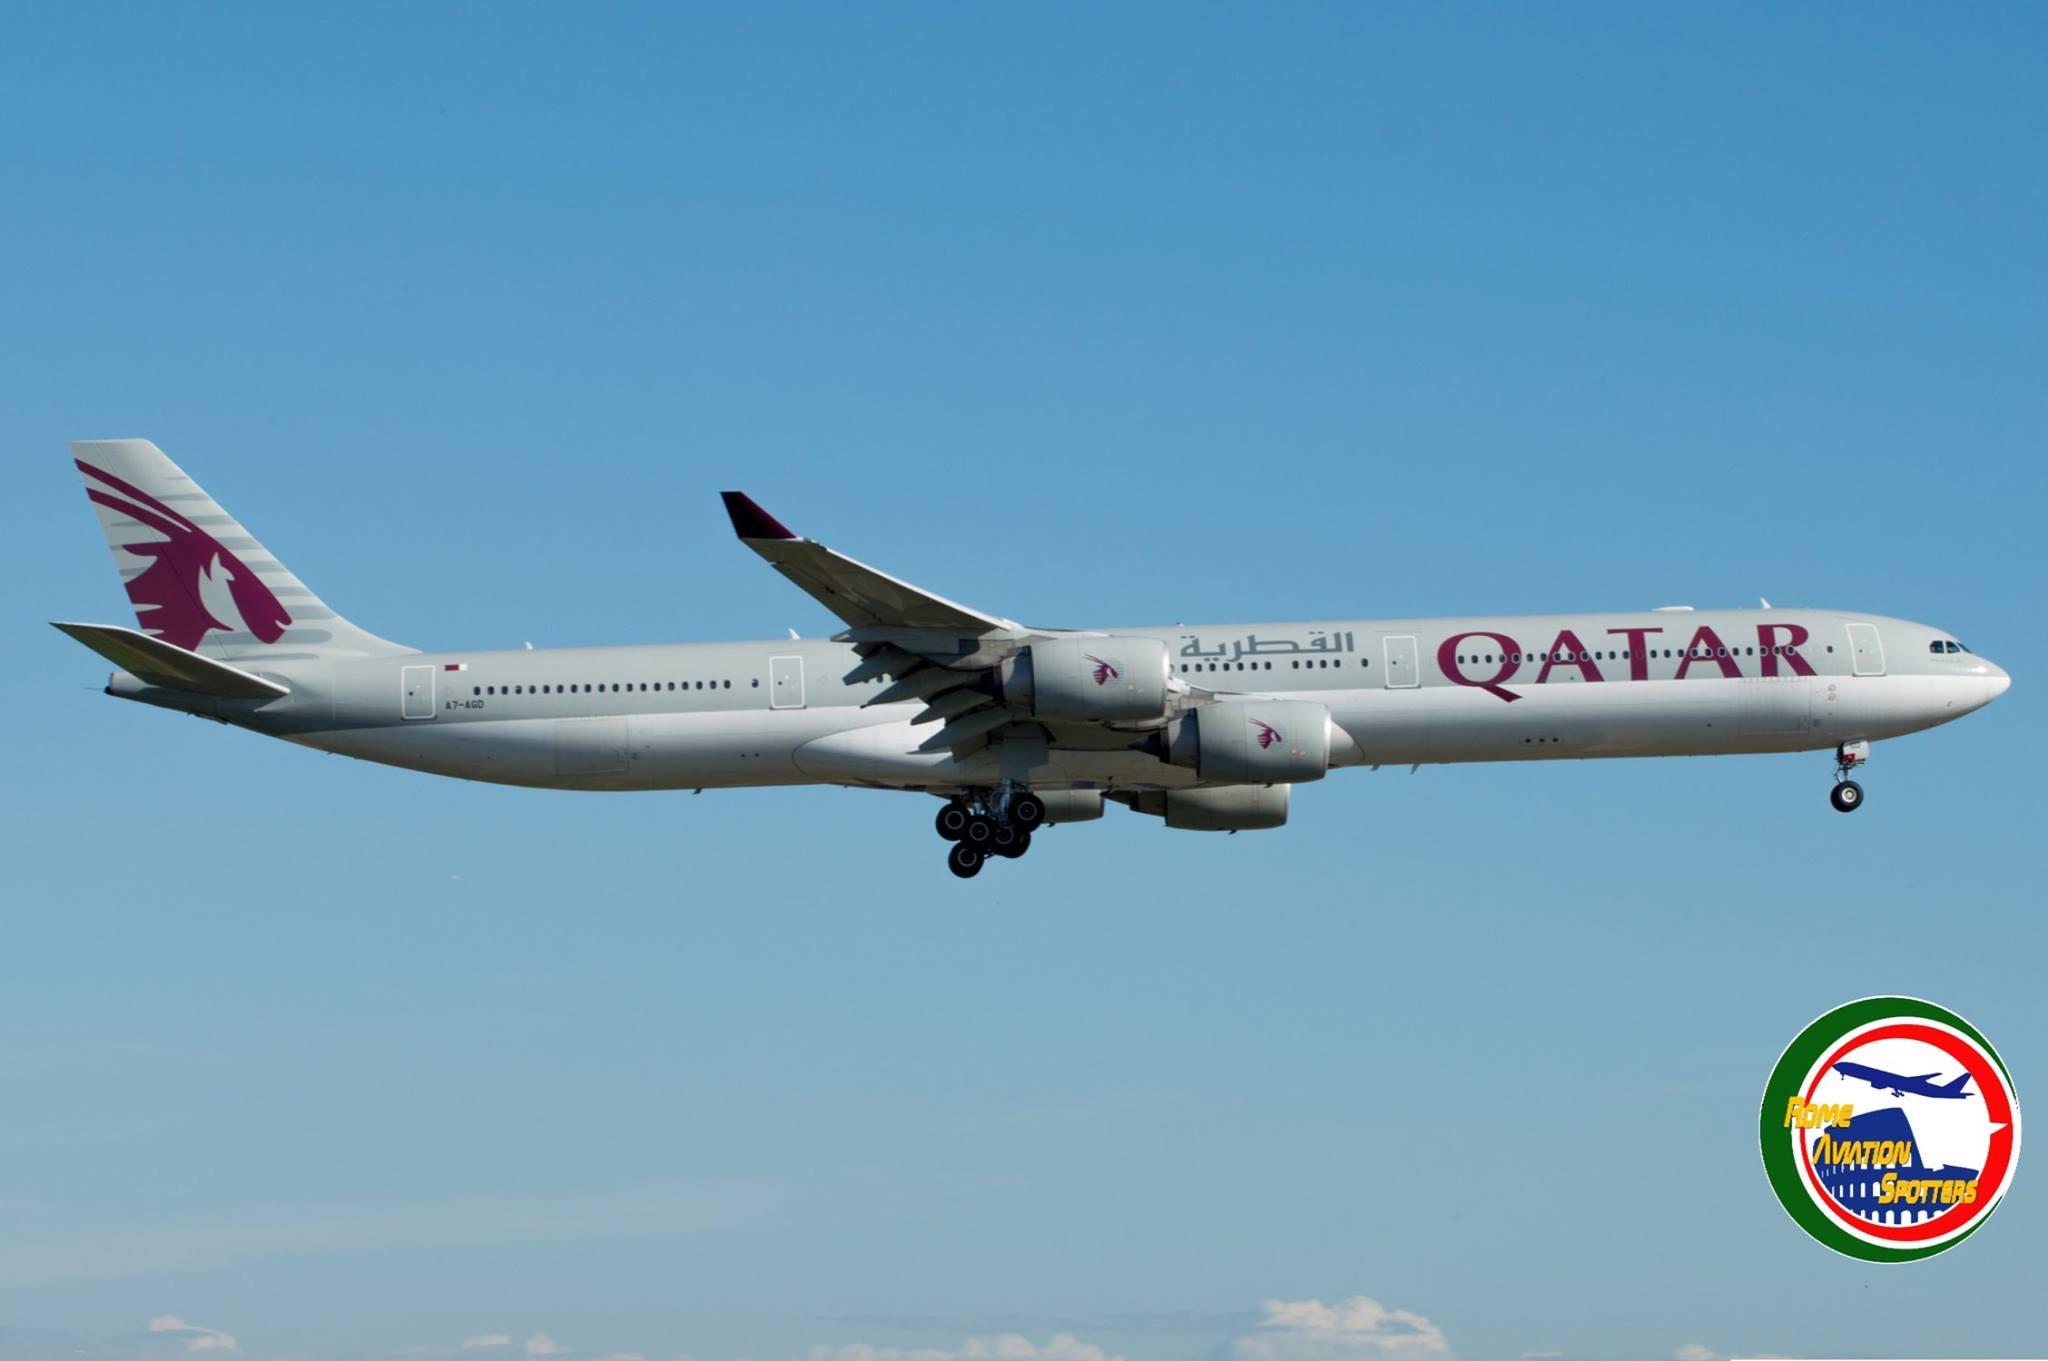 Qatar Airways con A340-600 a Roma – Italiavola